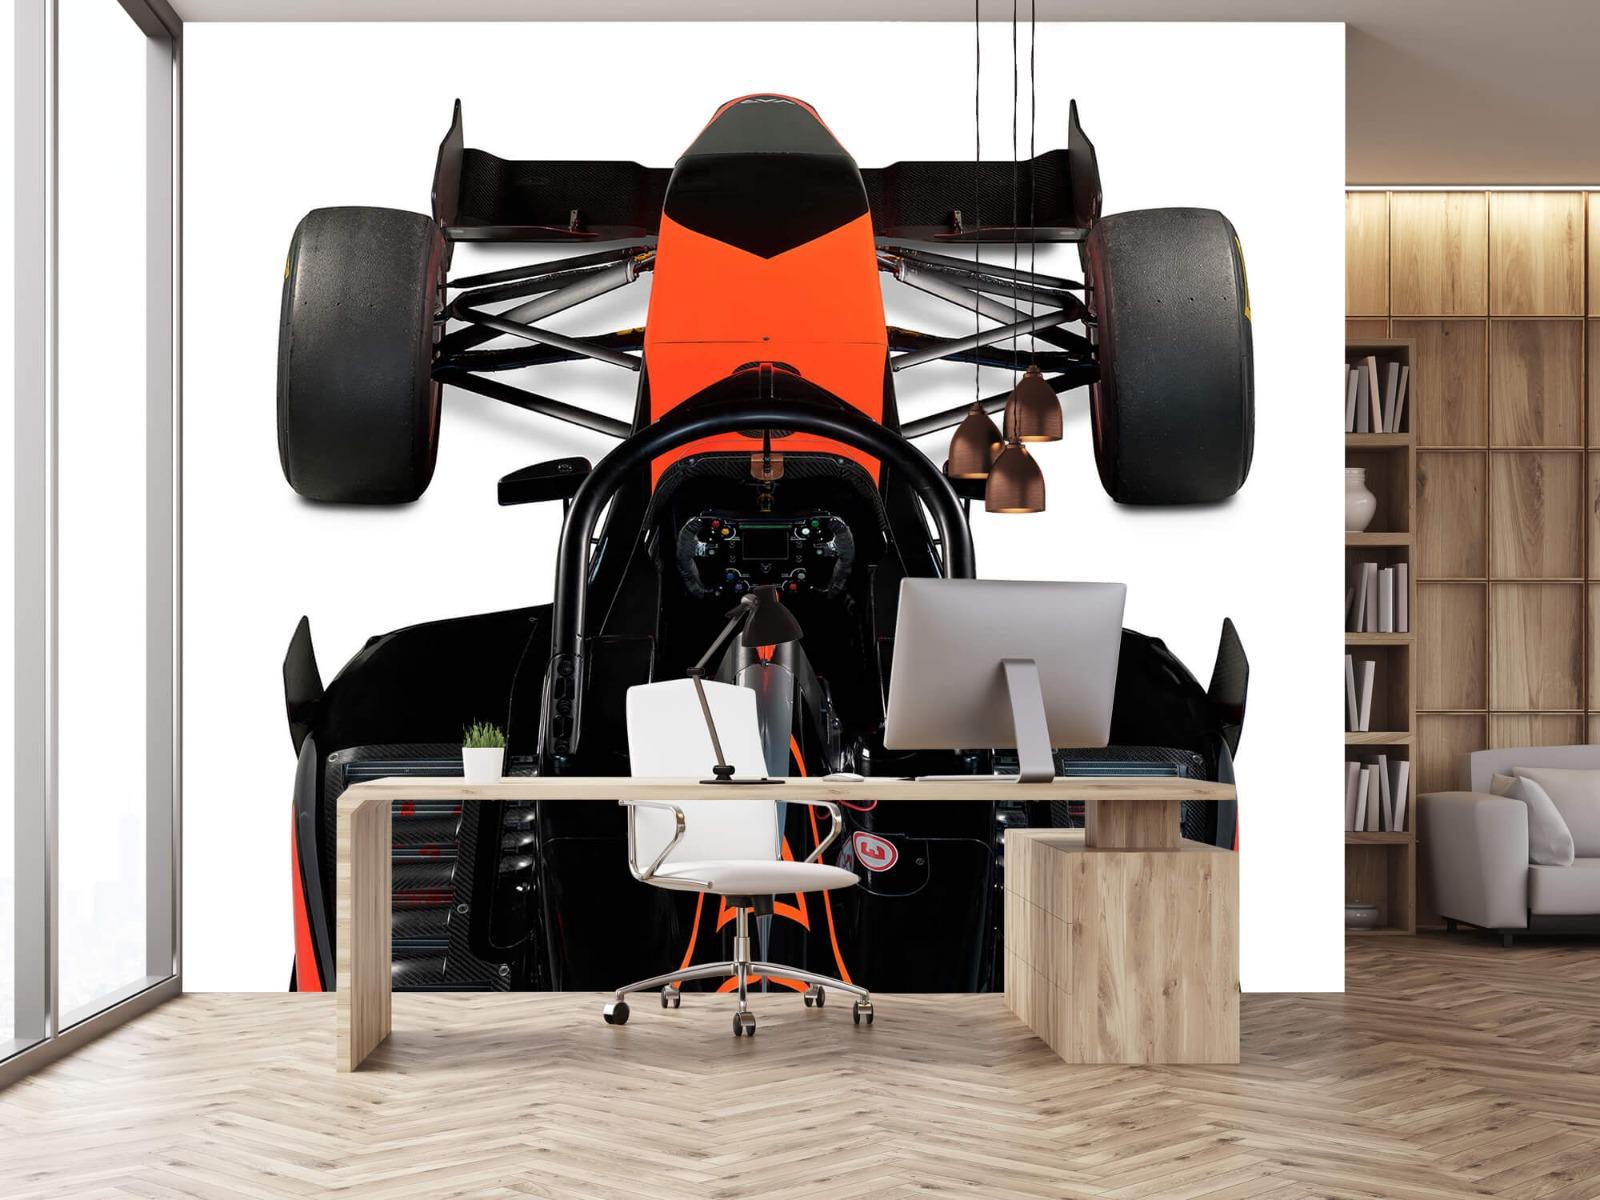 Sportauto's - Formule 3 - Cockpit view - Computerruimte 24